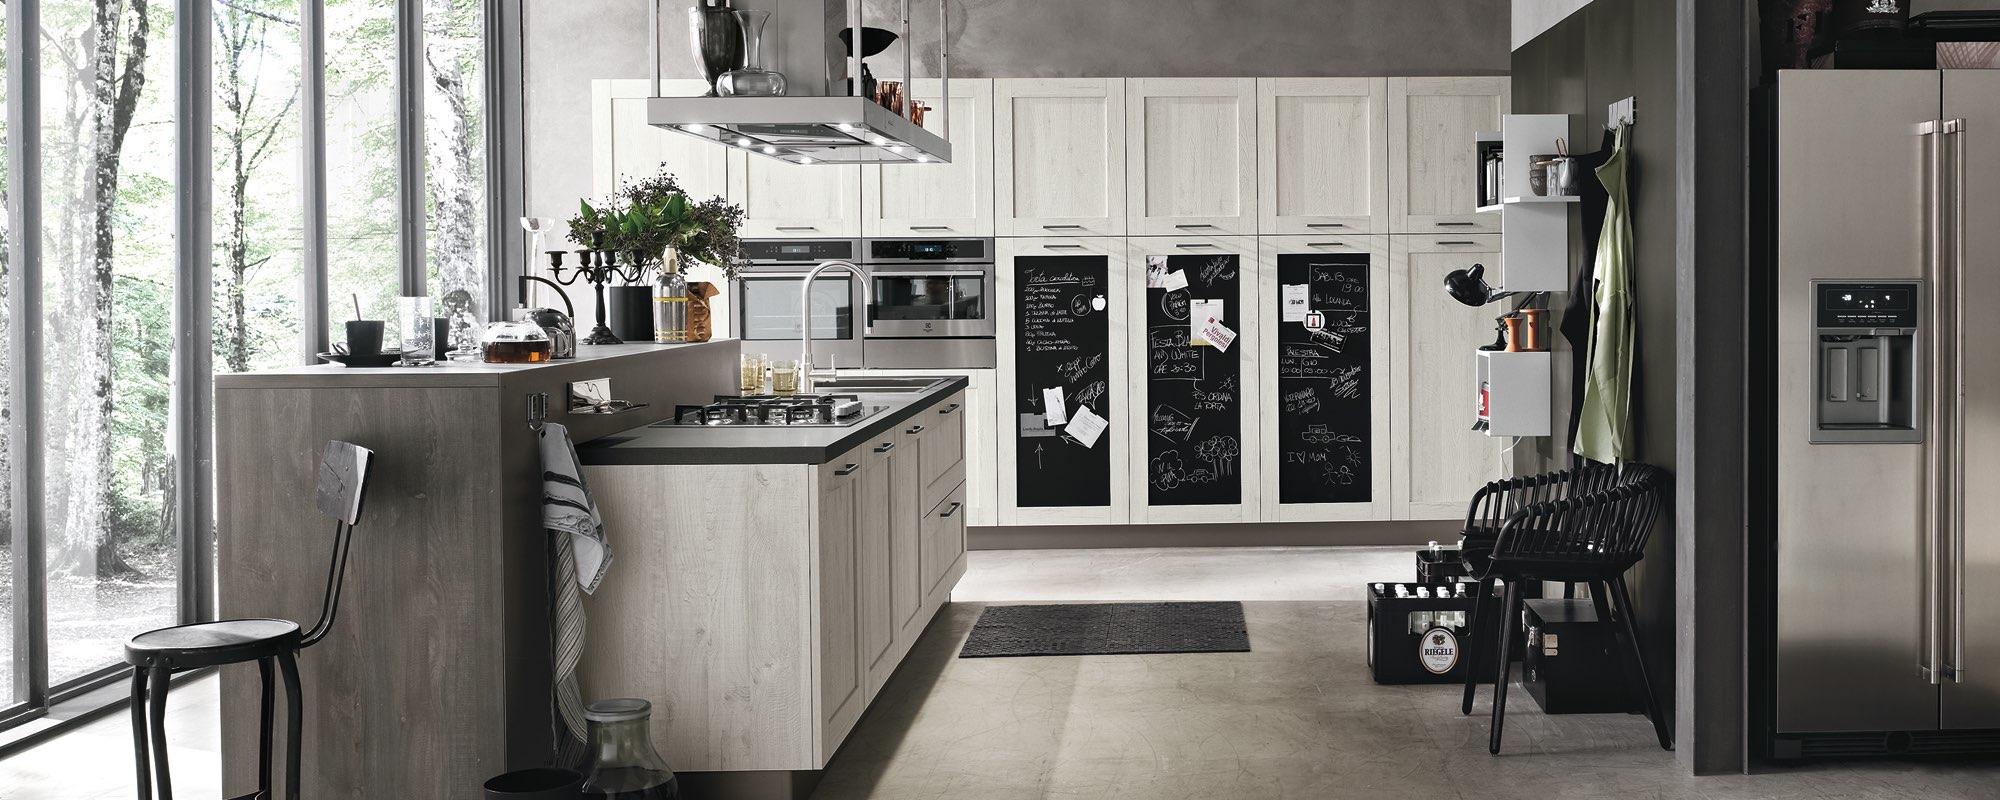 Cucina Moderna Con Vetrata   Tende A Vetro Moderne Ikea